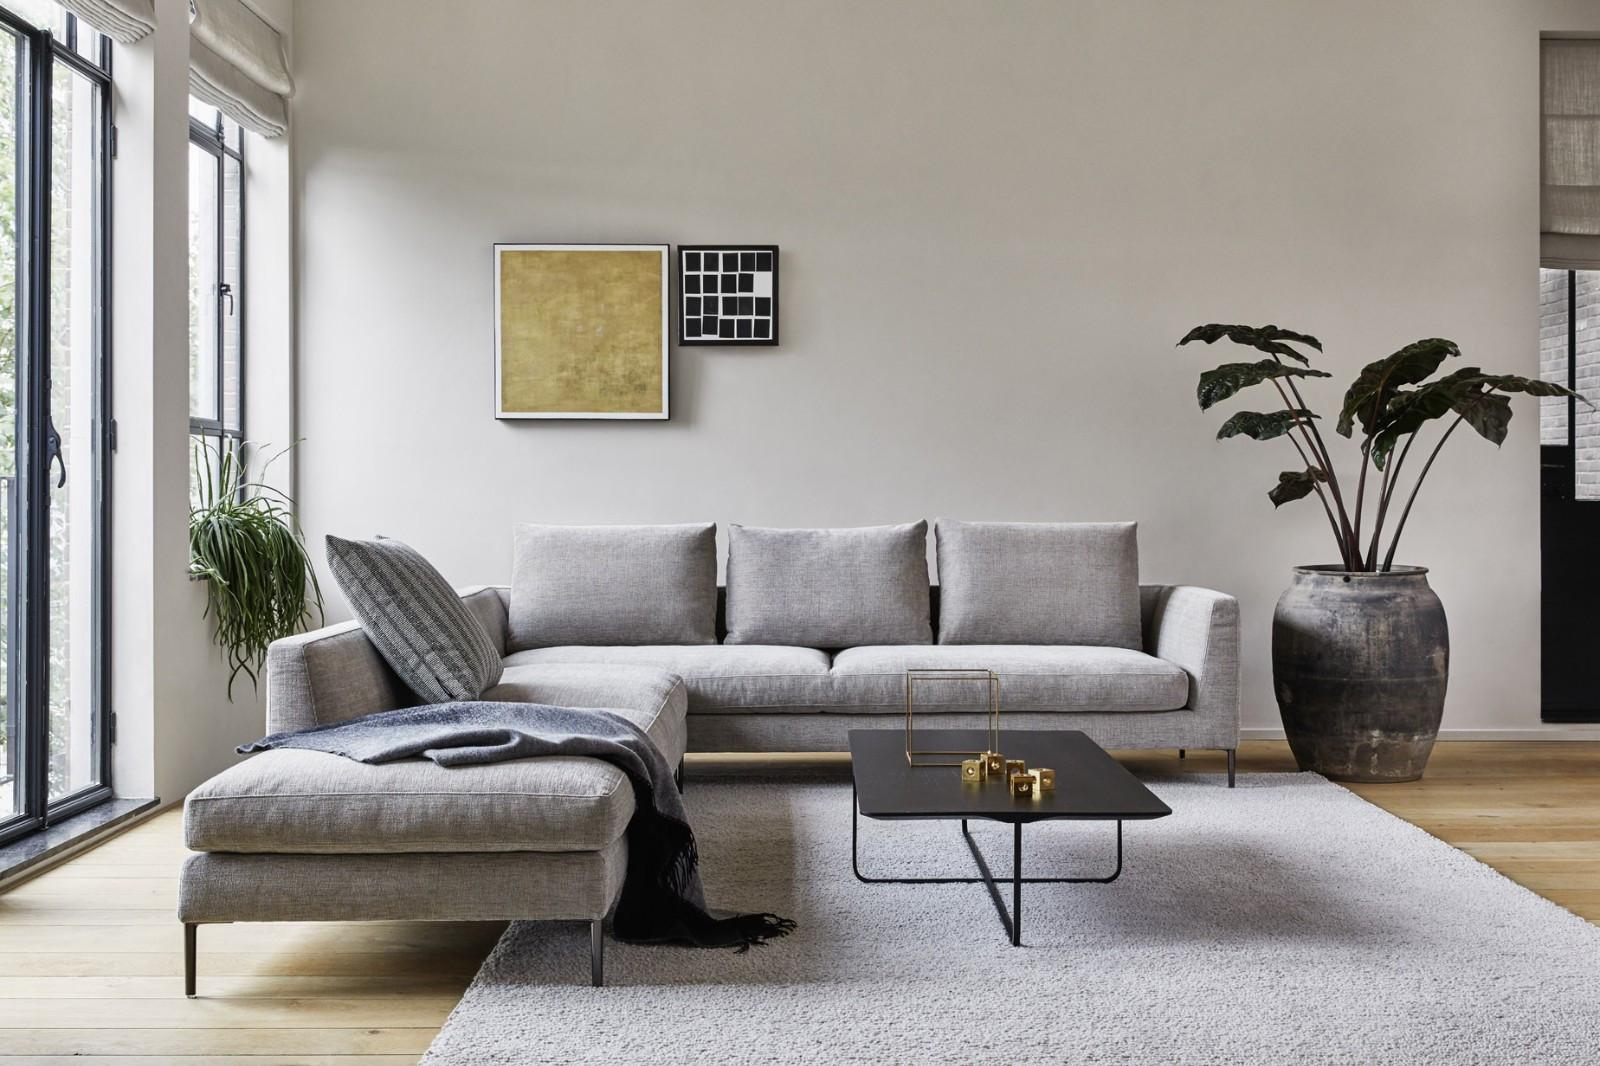 品鉴OLIVIERI家具品质魅力、好家具源于好选材